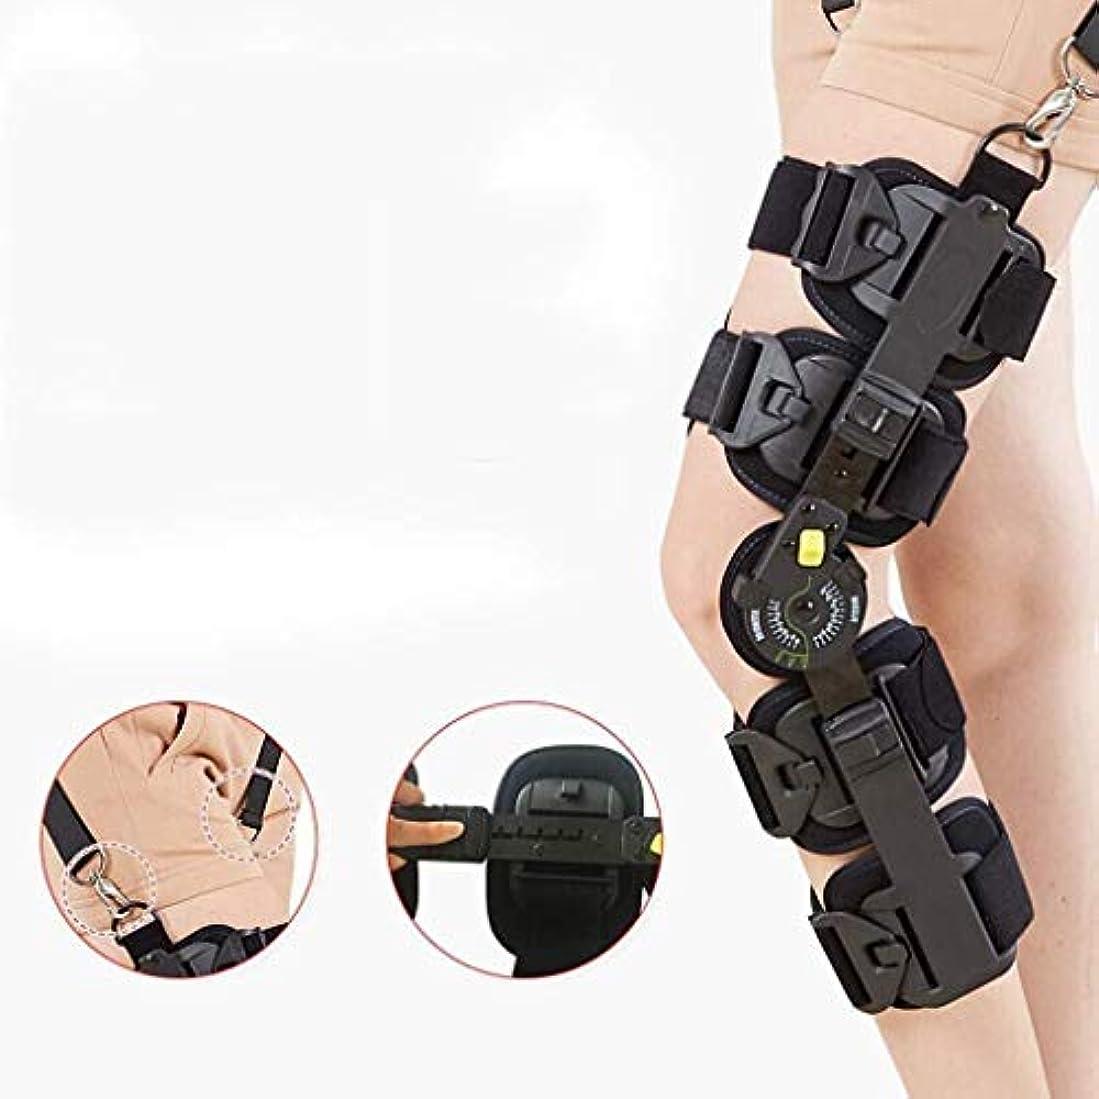 暫定の飲み込むグラムヒンジ付き膝装具膝固定器装具脚装具整形外科膝蓋骨サポート装具、術後ケア用の半月板靭帯損傷